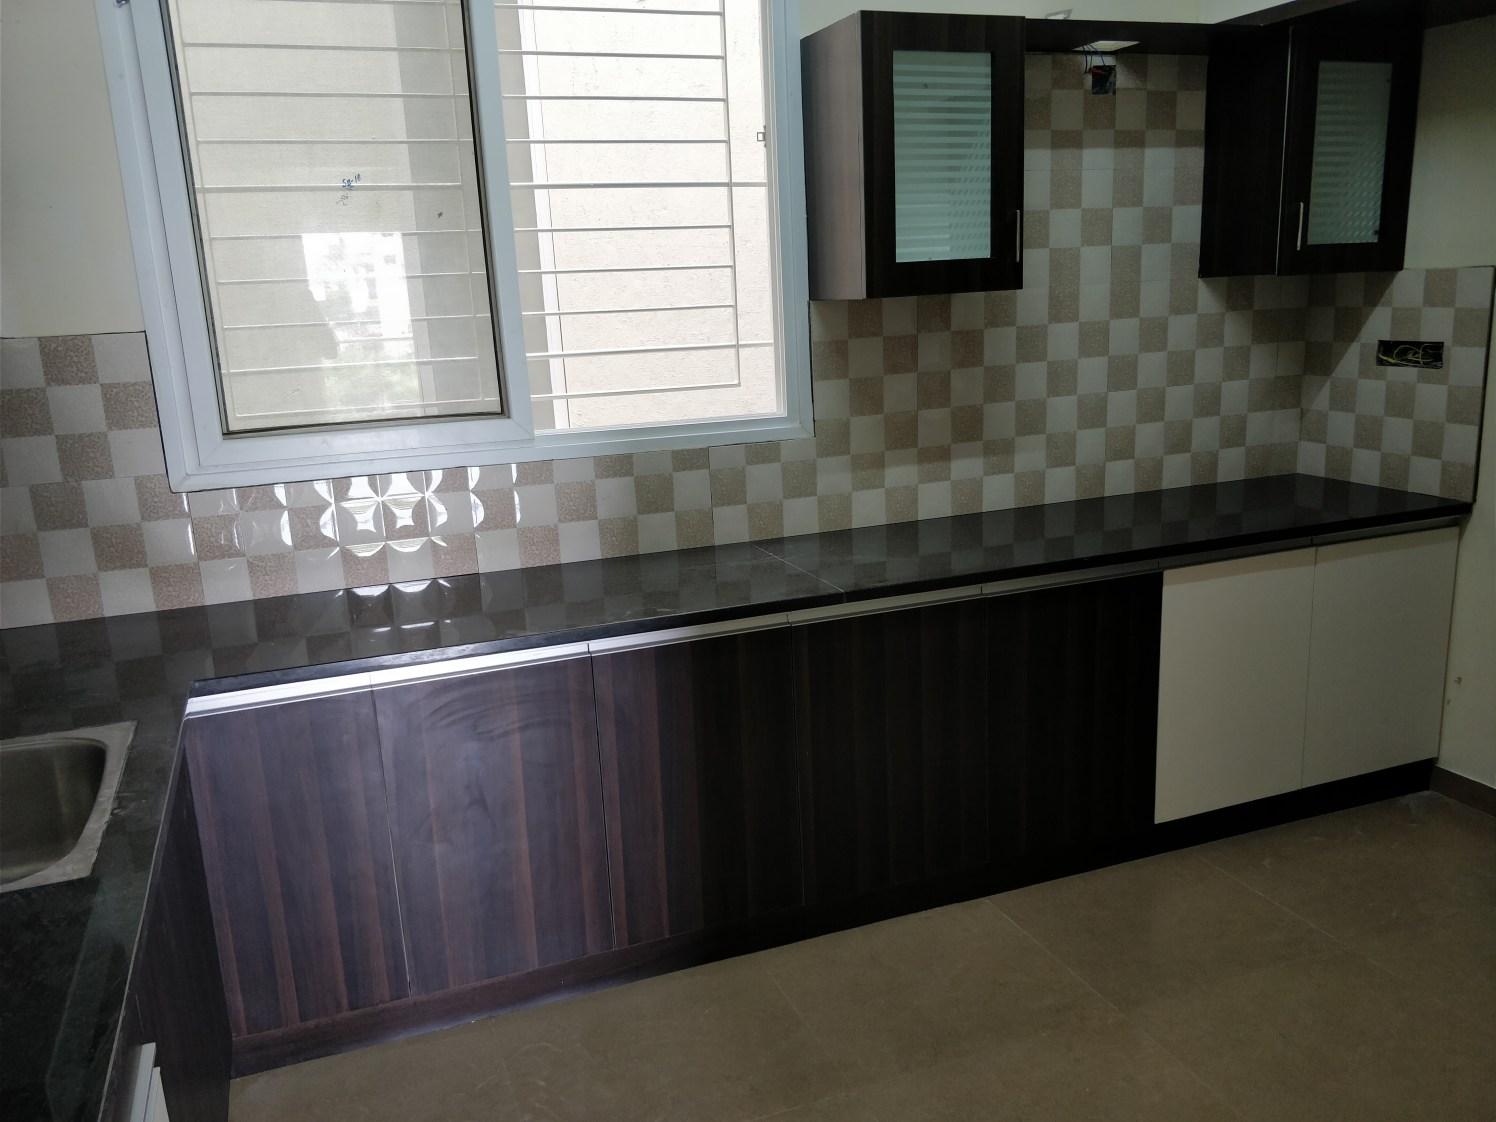 Modular Kitchen by Divine home interiors  Modular-kitchen Modern   Interior Design Photos & Ideas